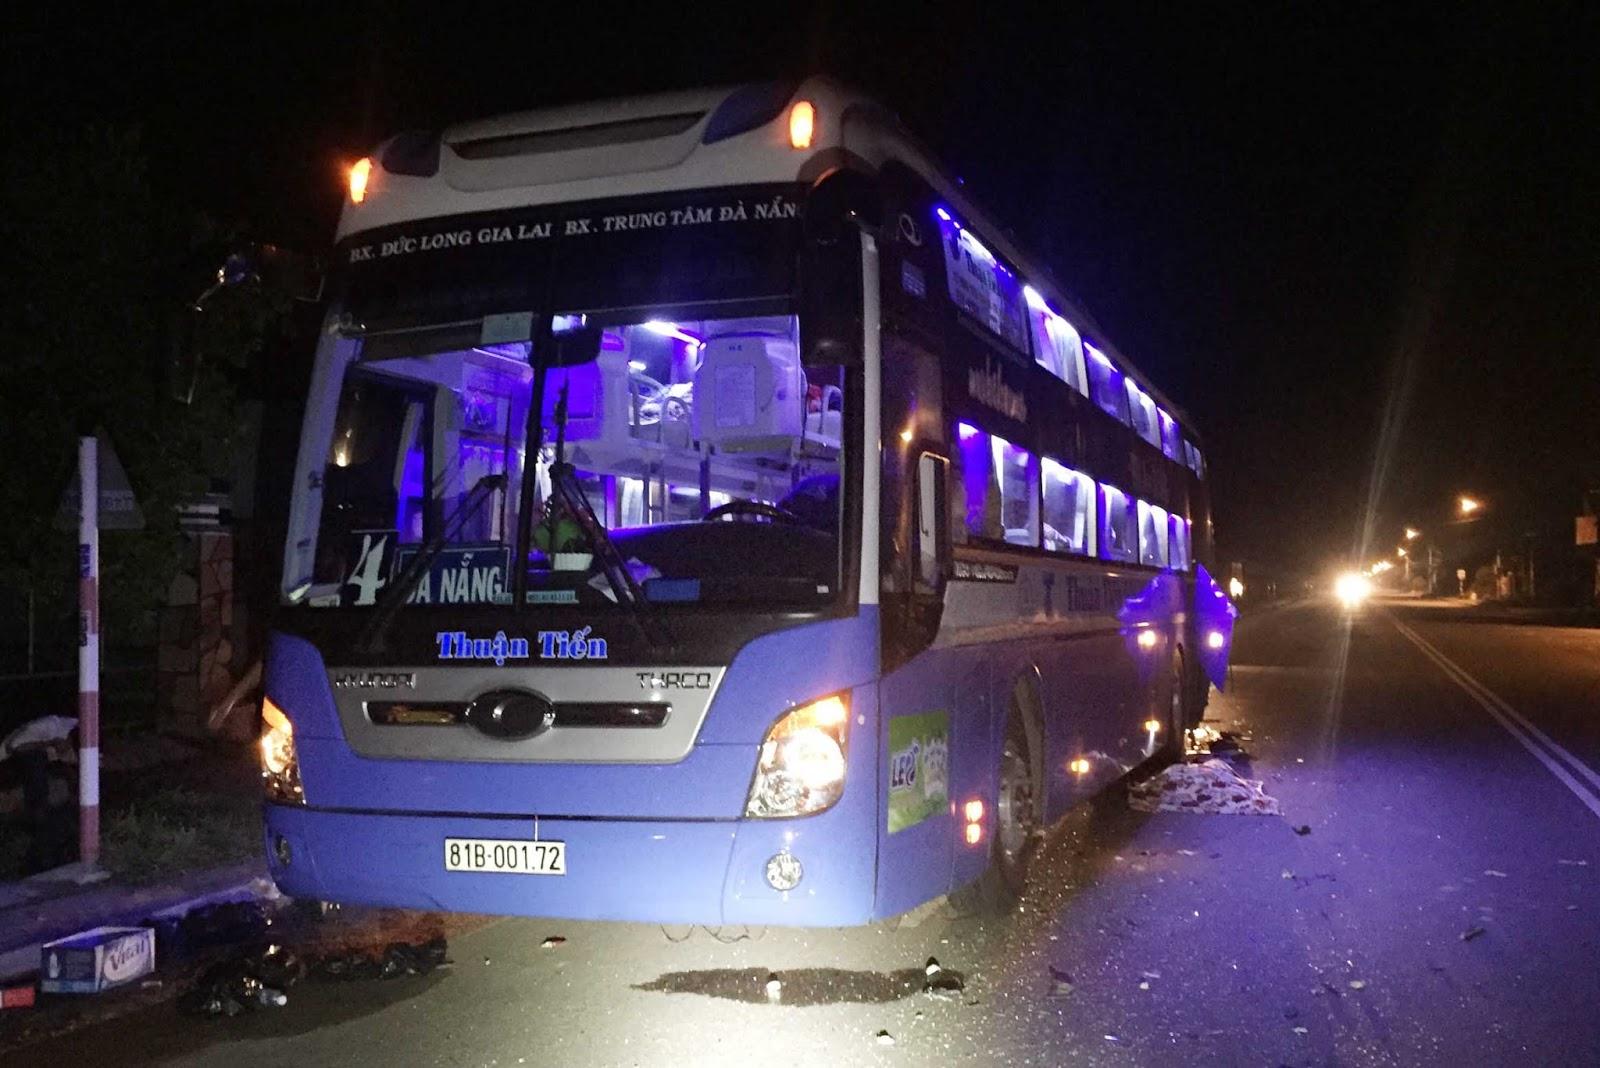 Bị xe tải húc đuôi, tài xế xe Thuận Tiến Gia Lai tử vong tại chỗ